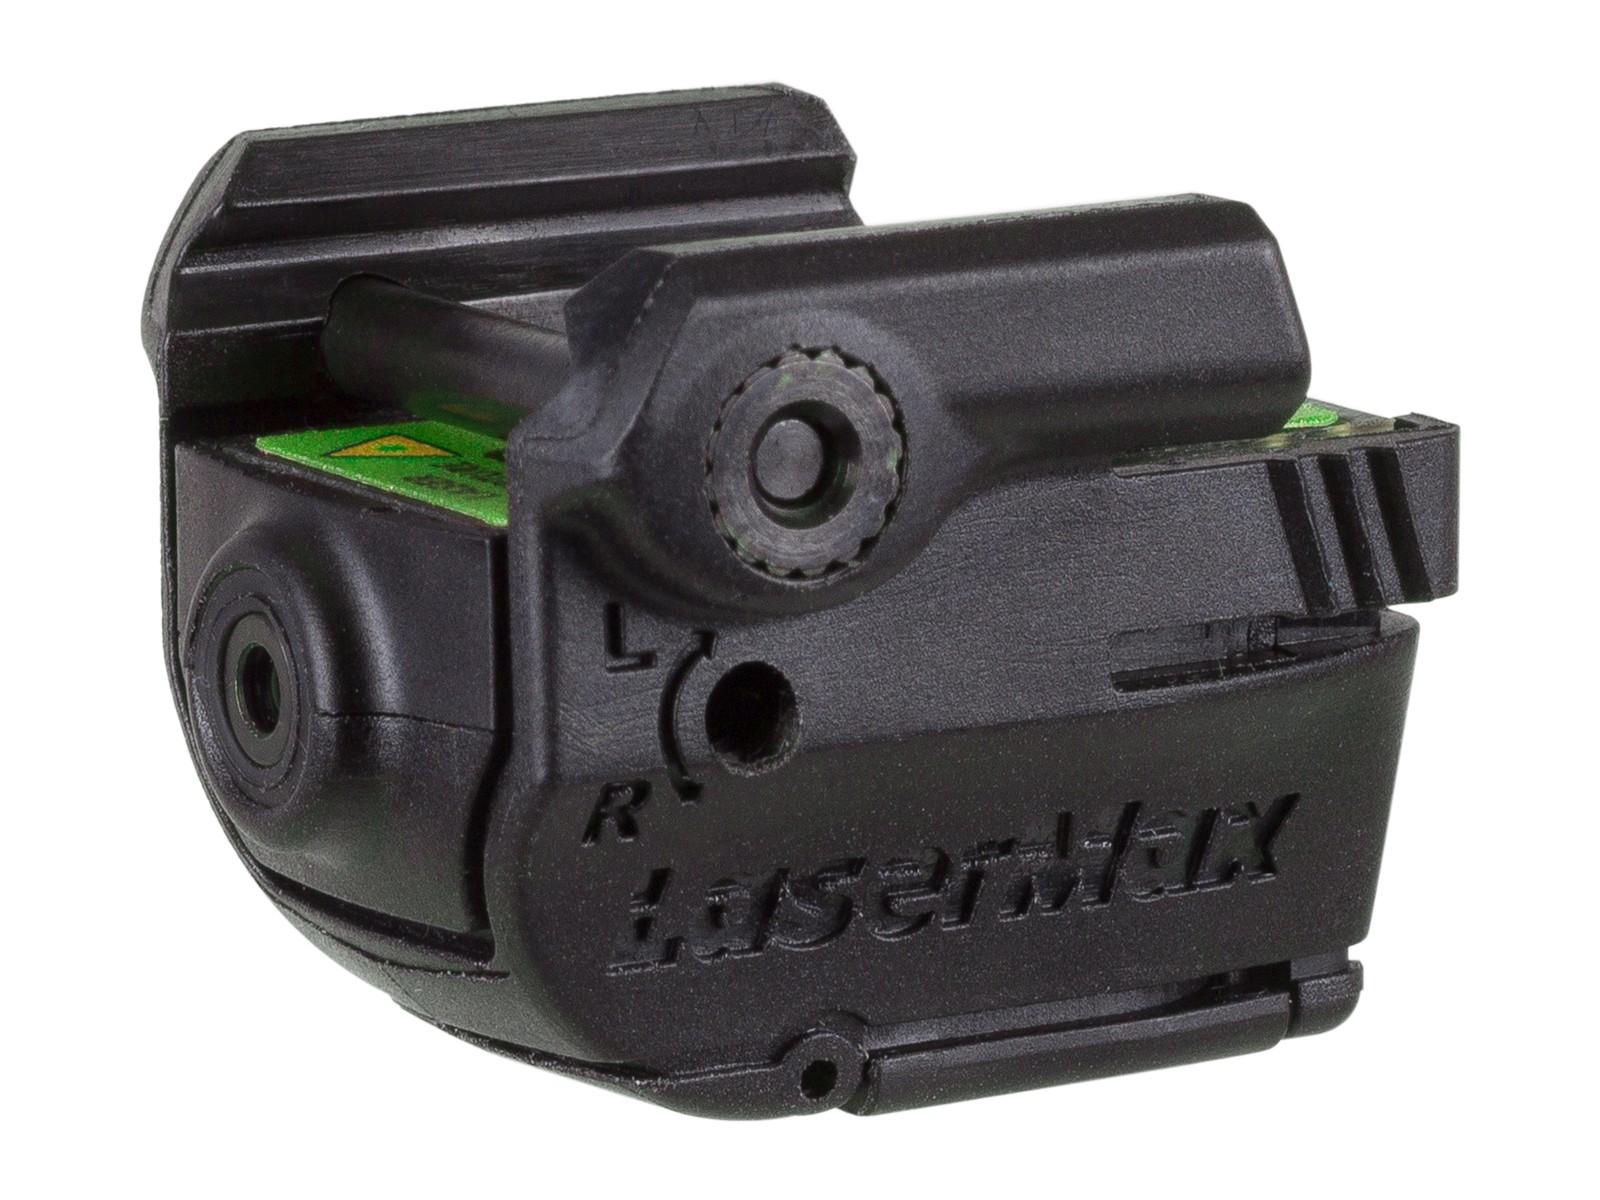 LaserMax Green Micro.